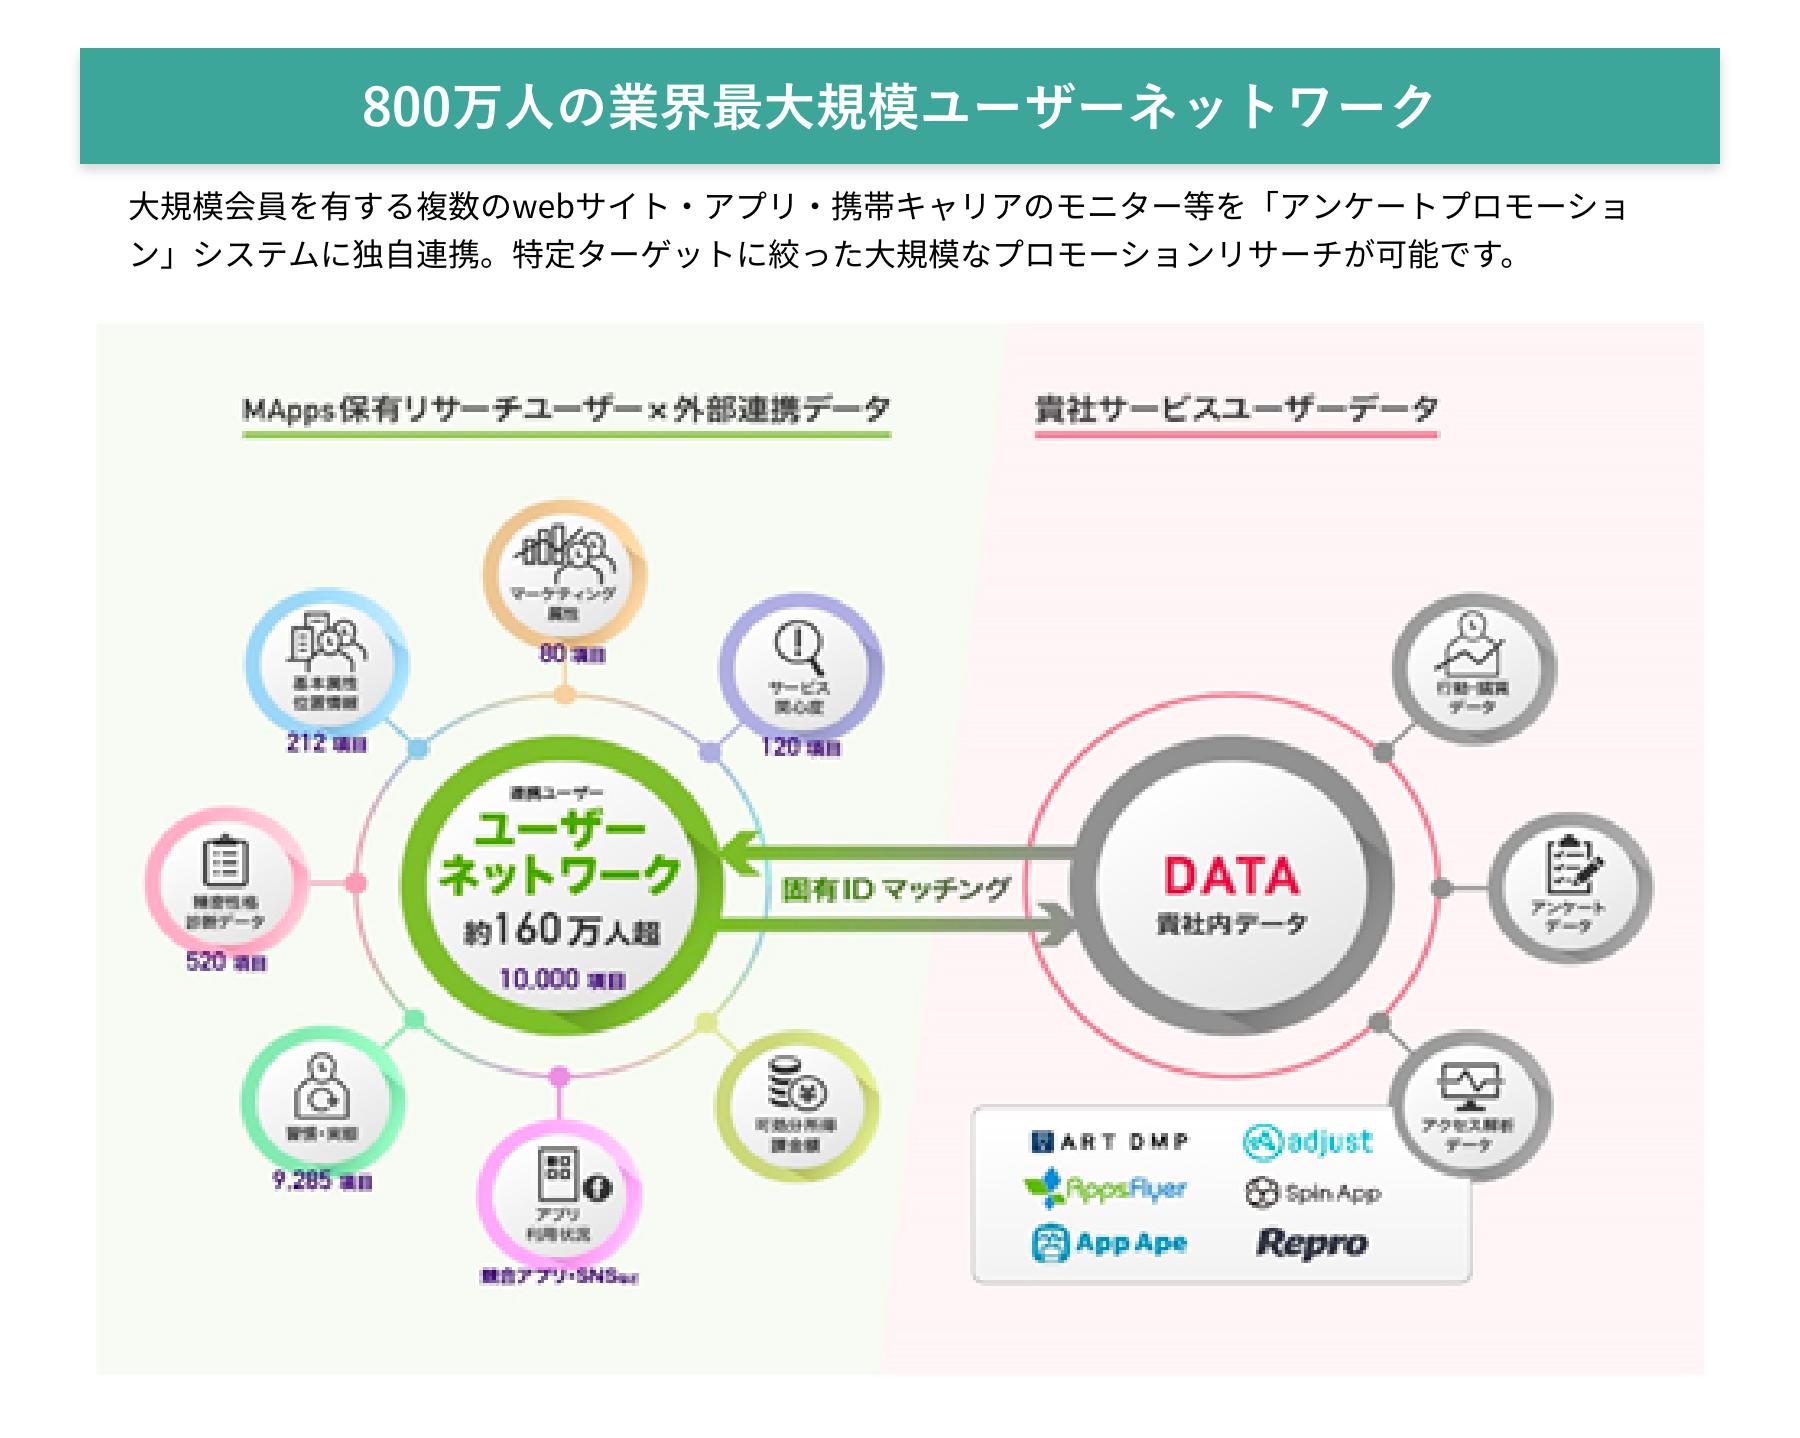 800万人の業界最大規模ユーザーネットワーク